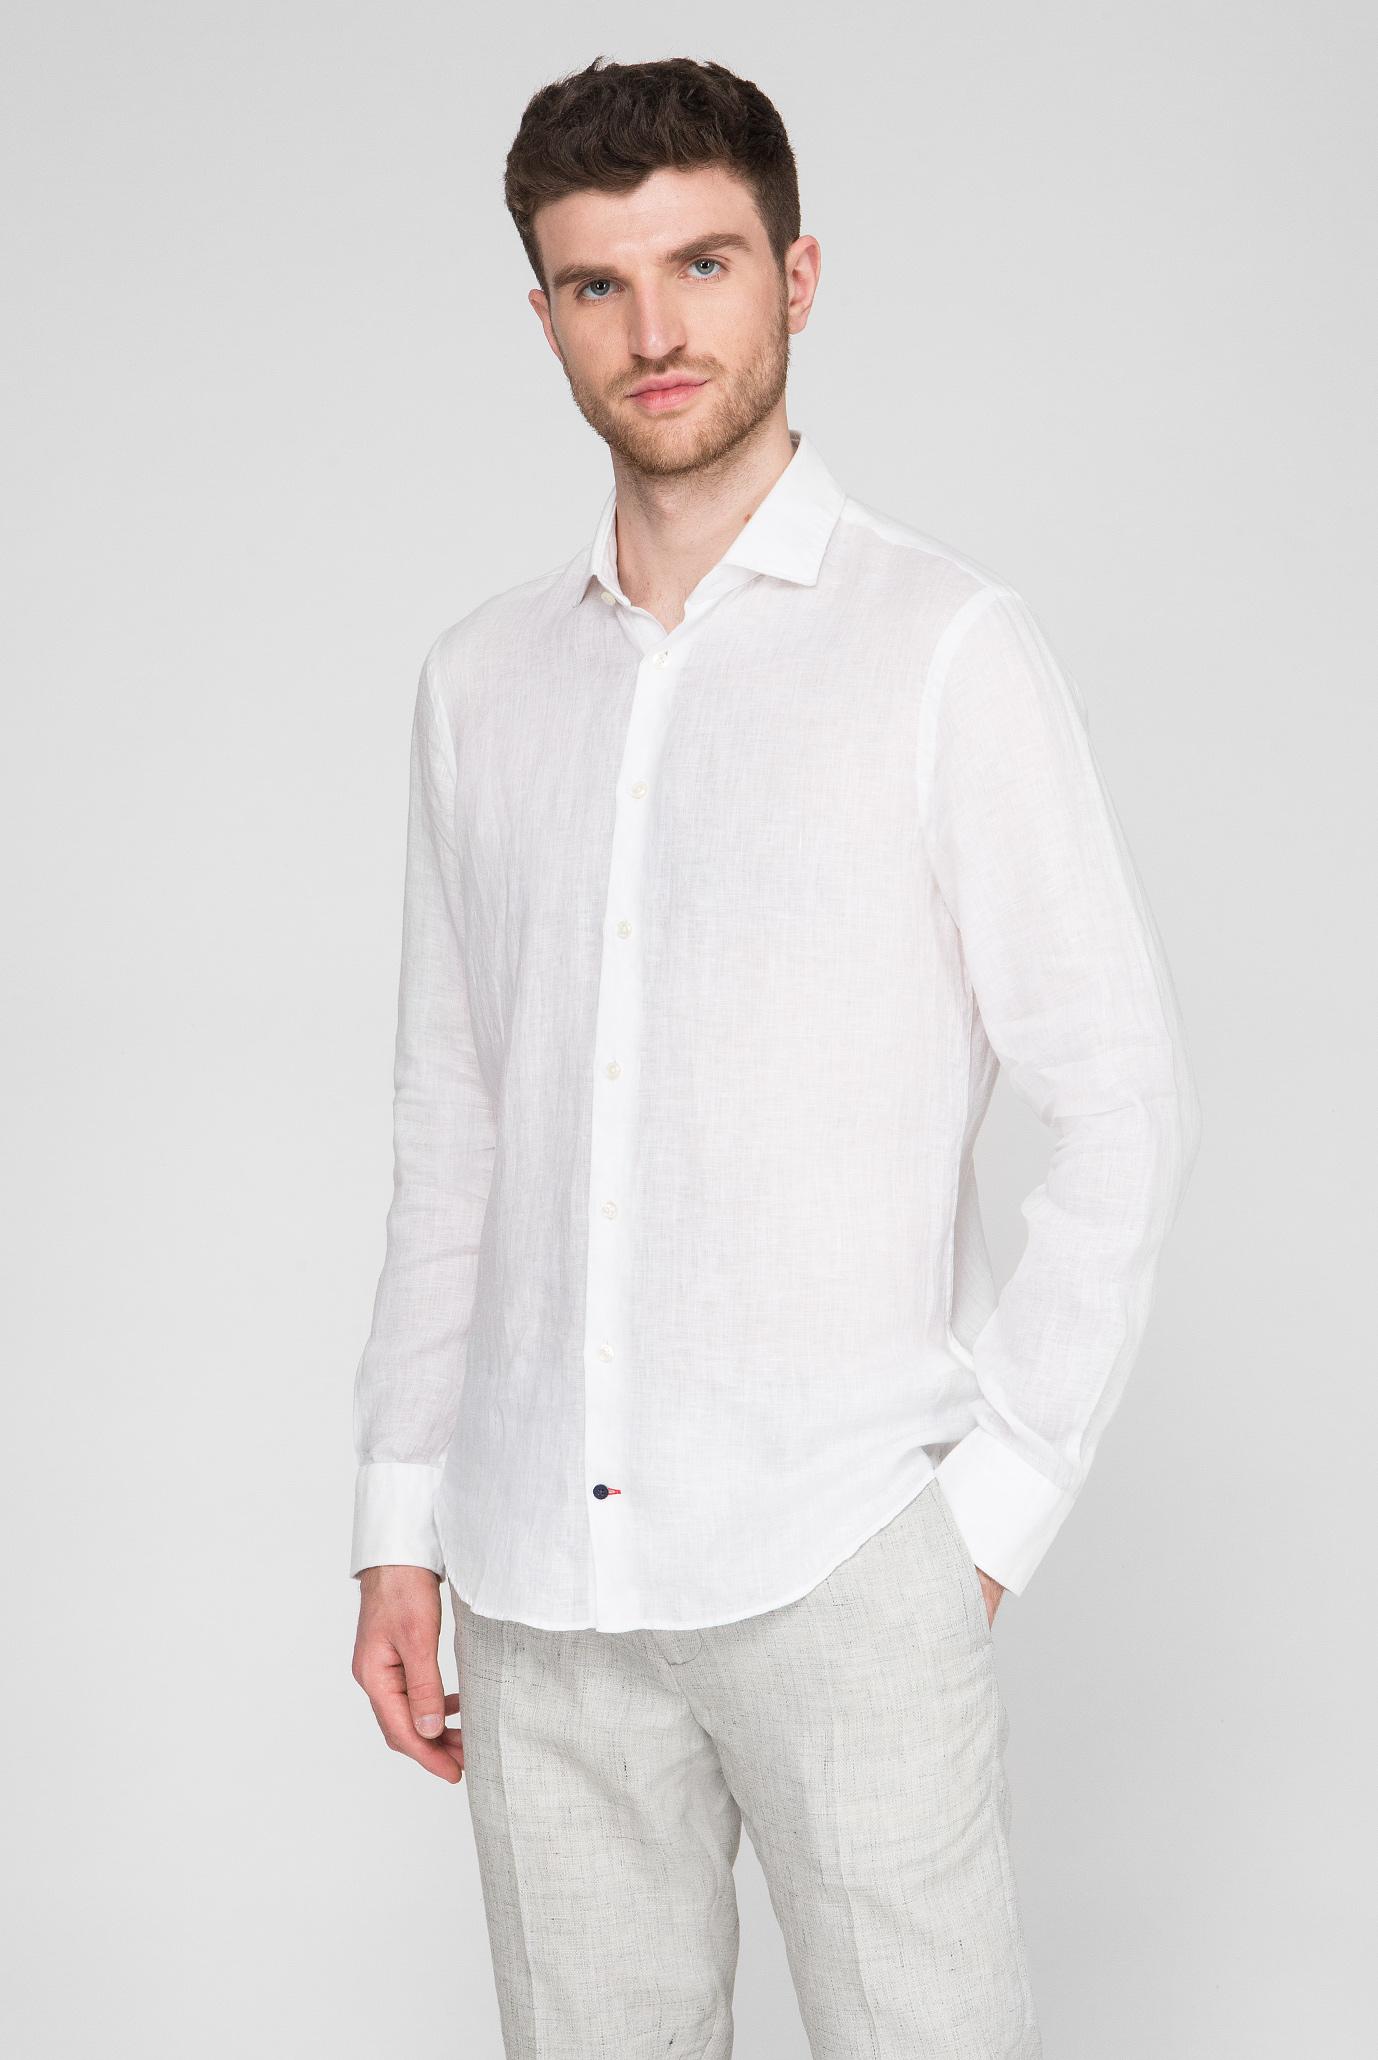 Мужская белая льняная рубашка Slim Fit Tommy Hilfiger